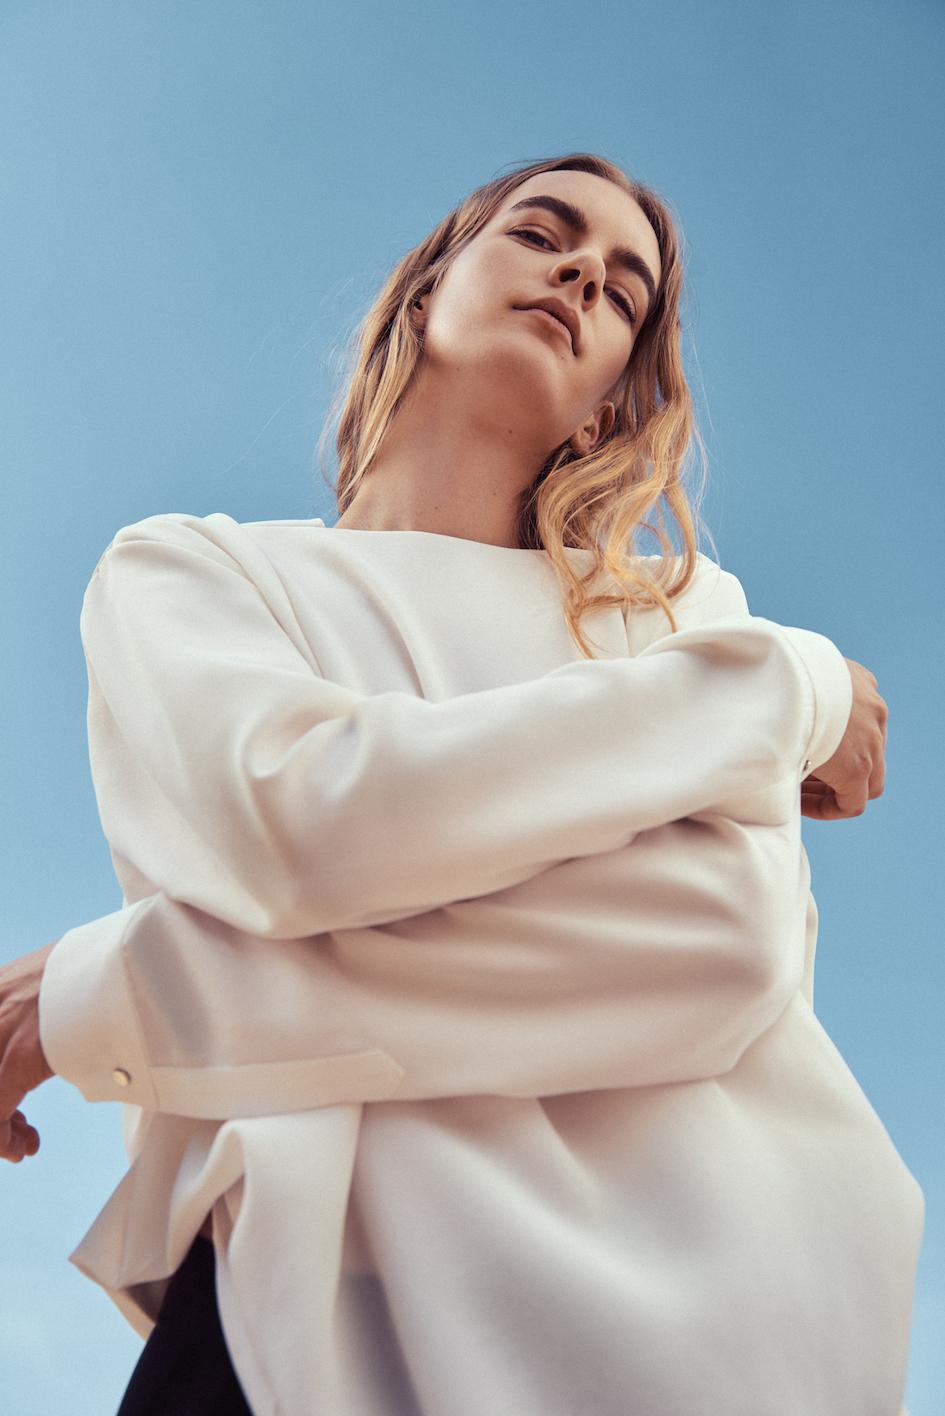 Marina Schwan Bluse Amy. Die Blusen haben eine besondere Eleganz.